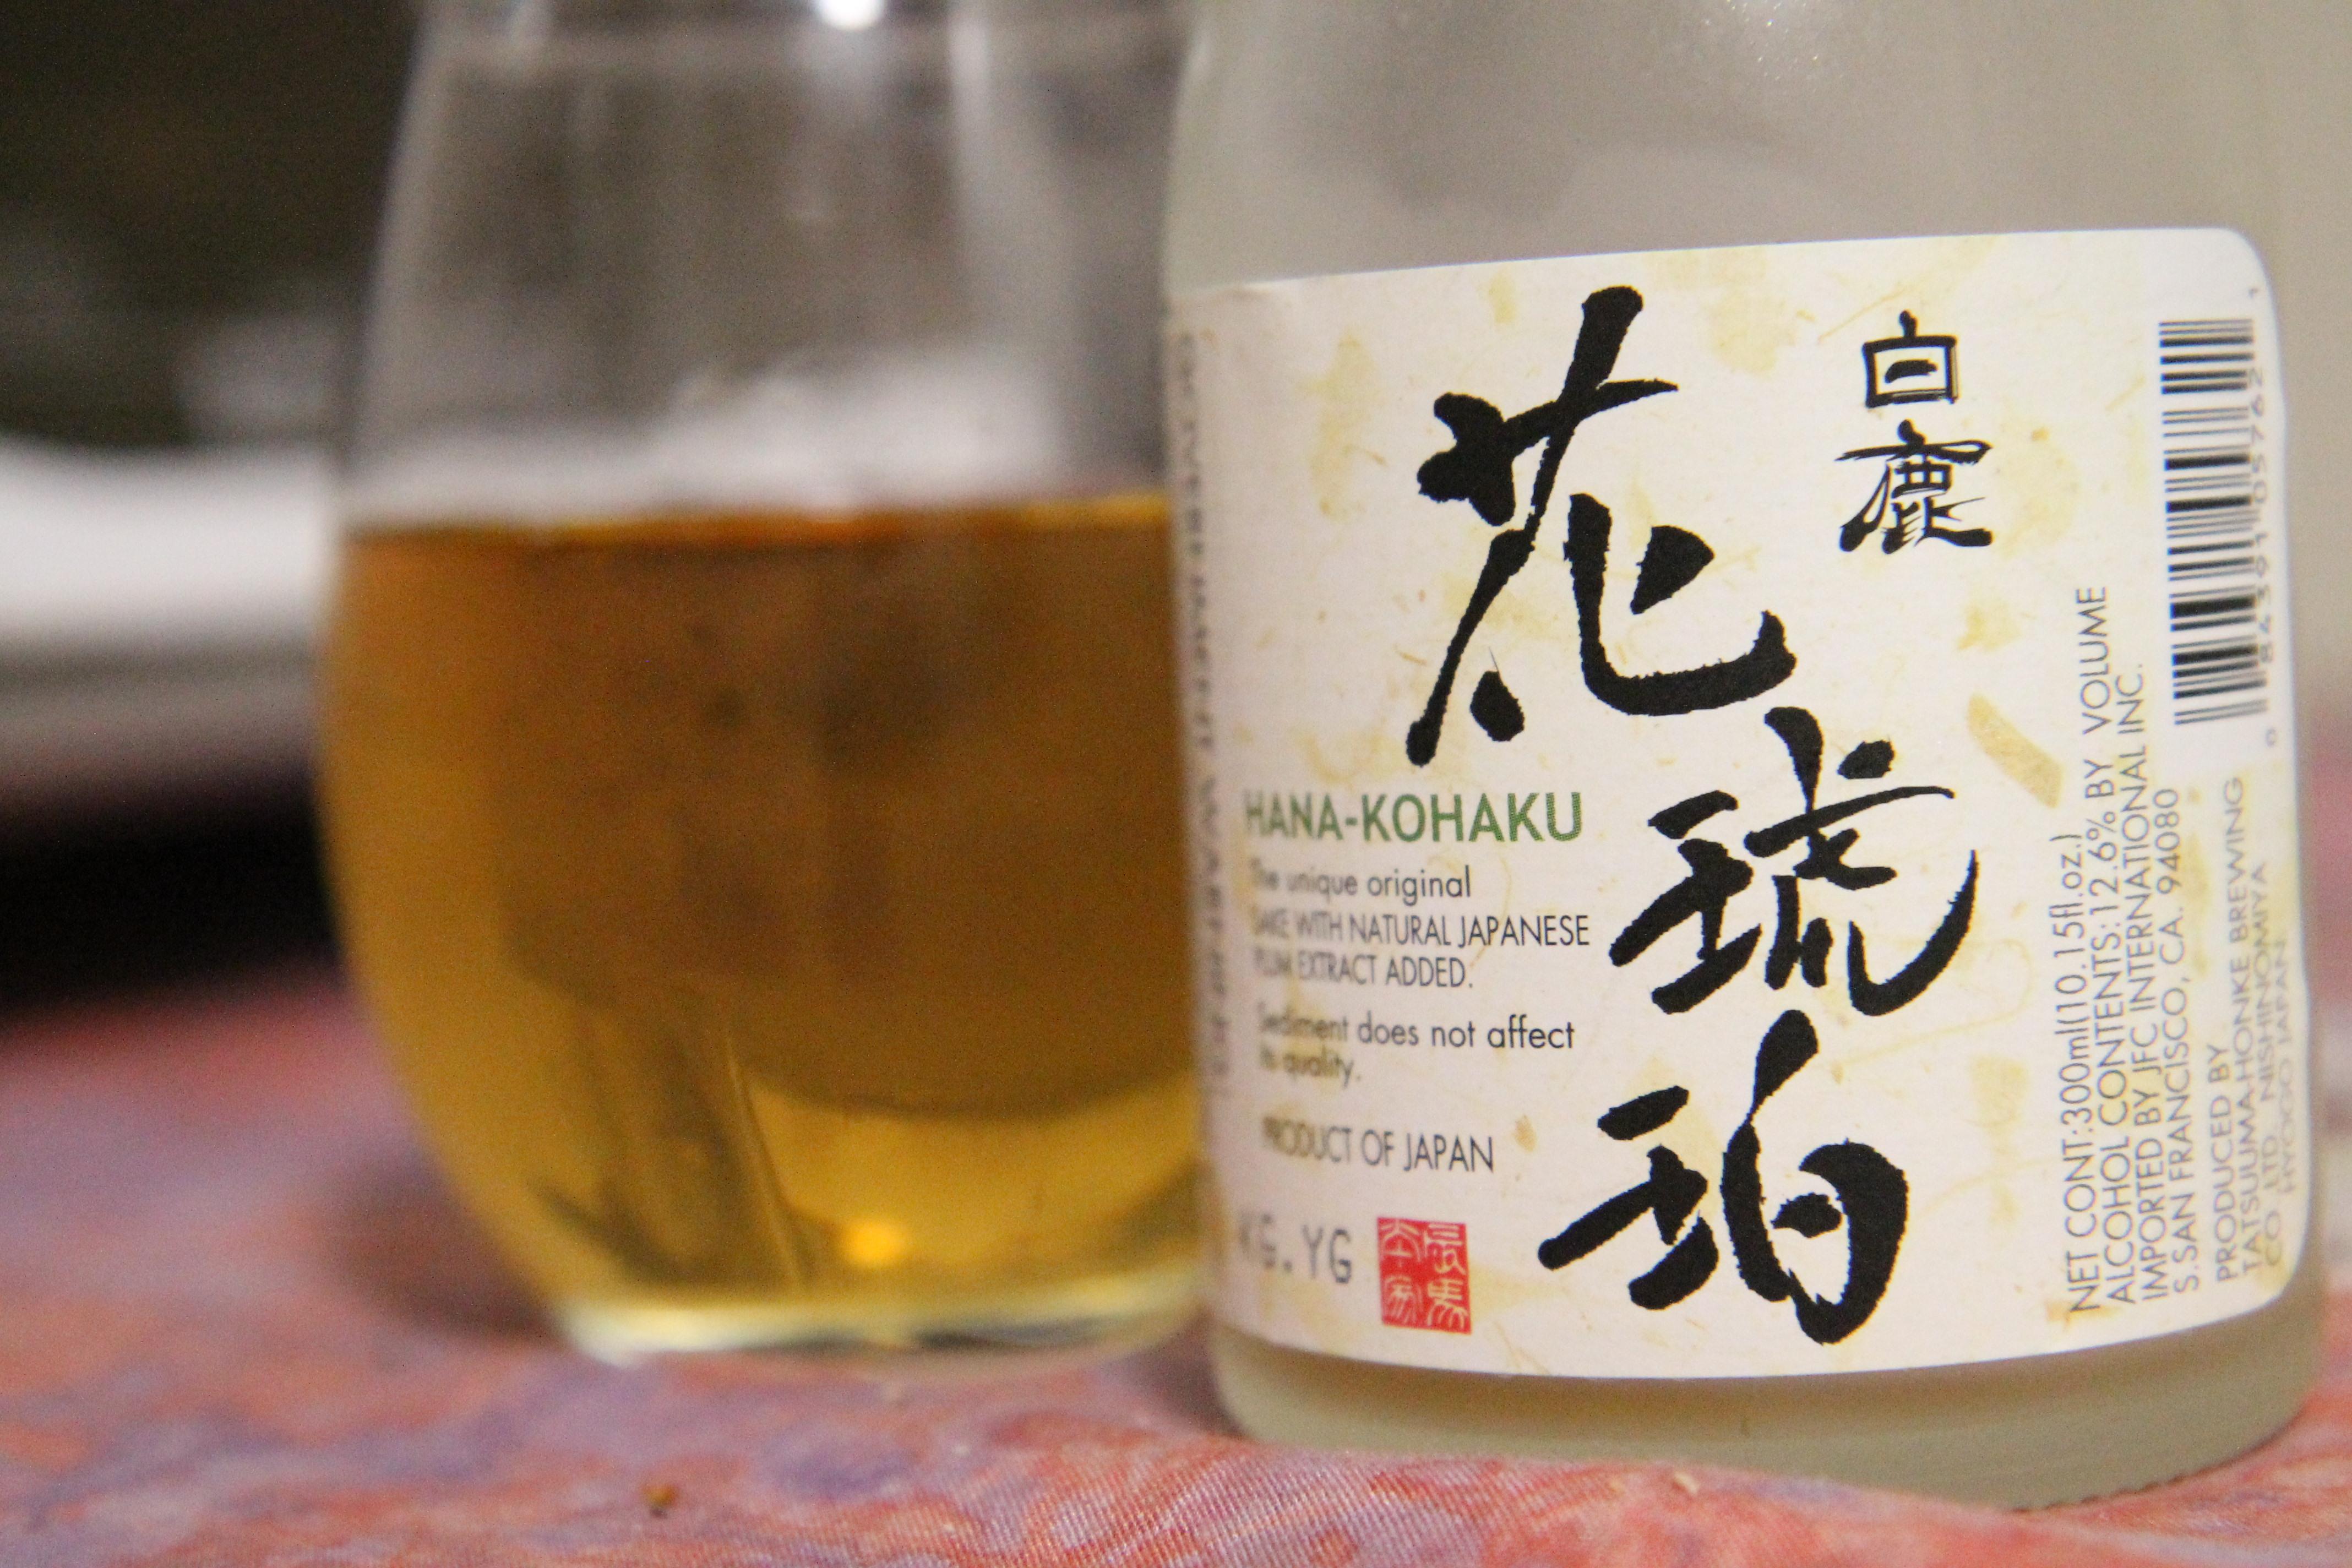 Hakushika Hana Kohaku Plum Sake